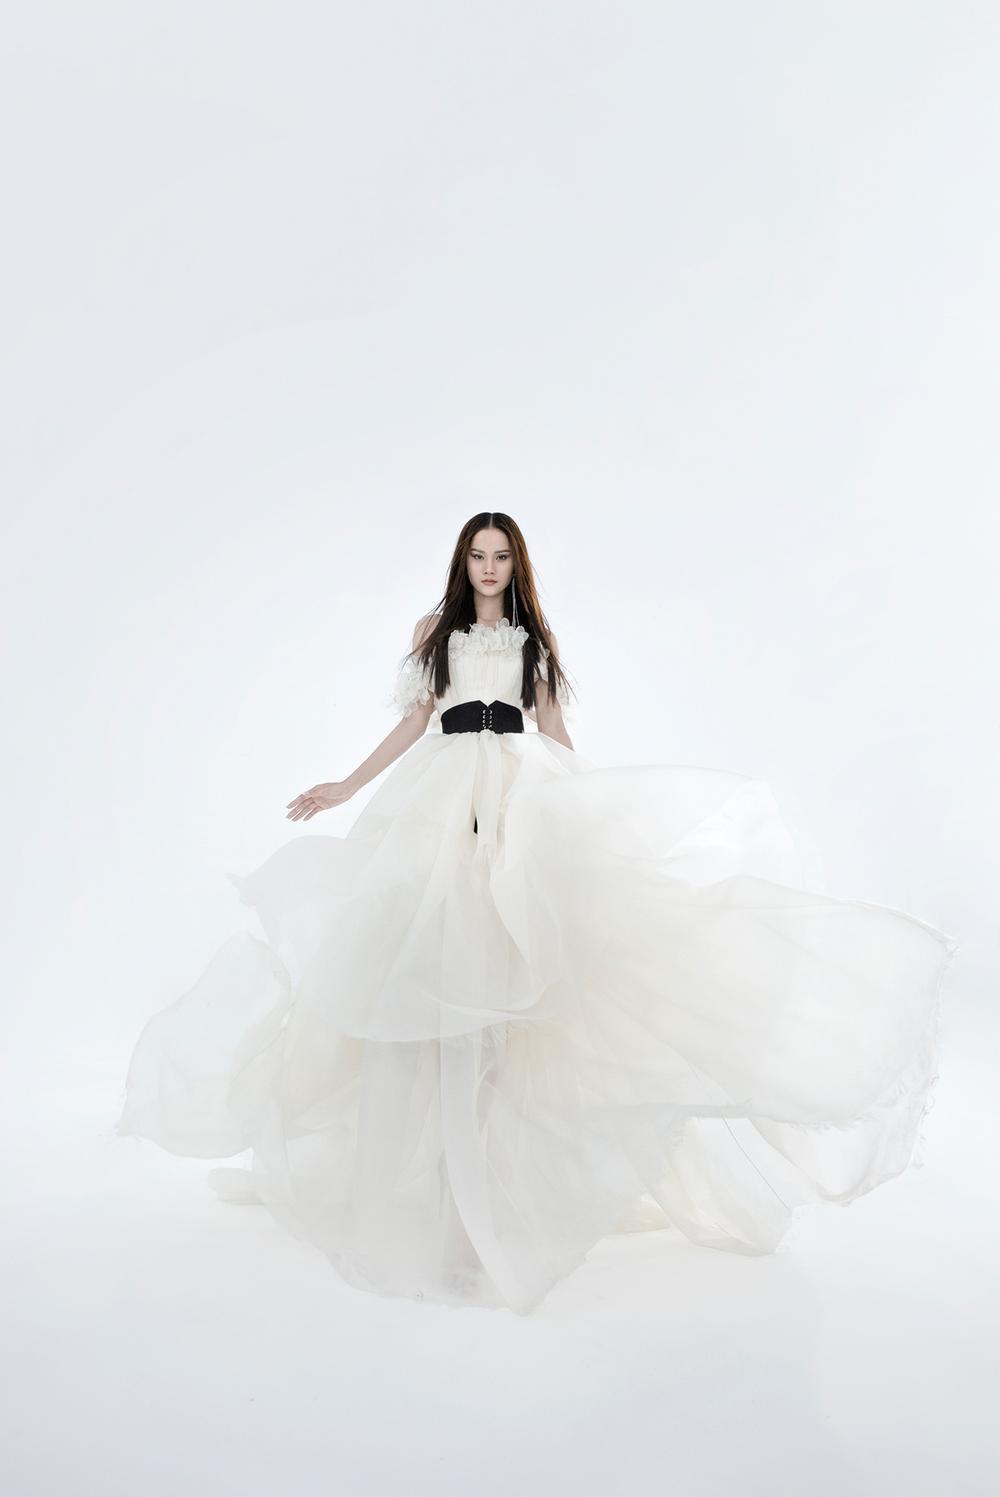 NTK Trần Hùng ra mắt BST tại London Fashion Week, chỉ dùng một người mẫu duy nhất Ảnh 19